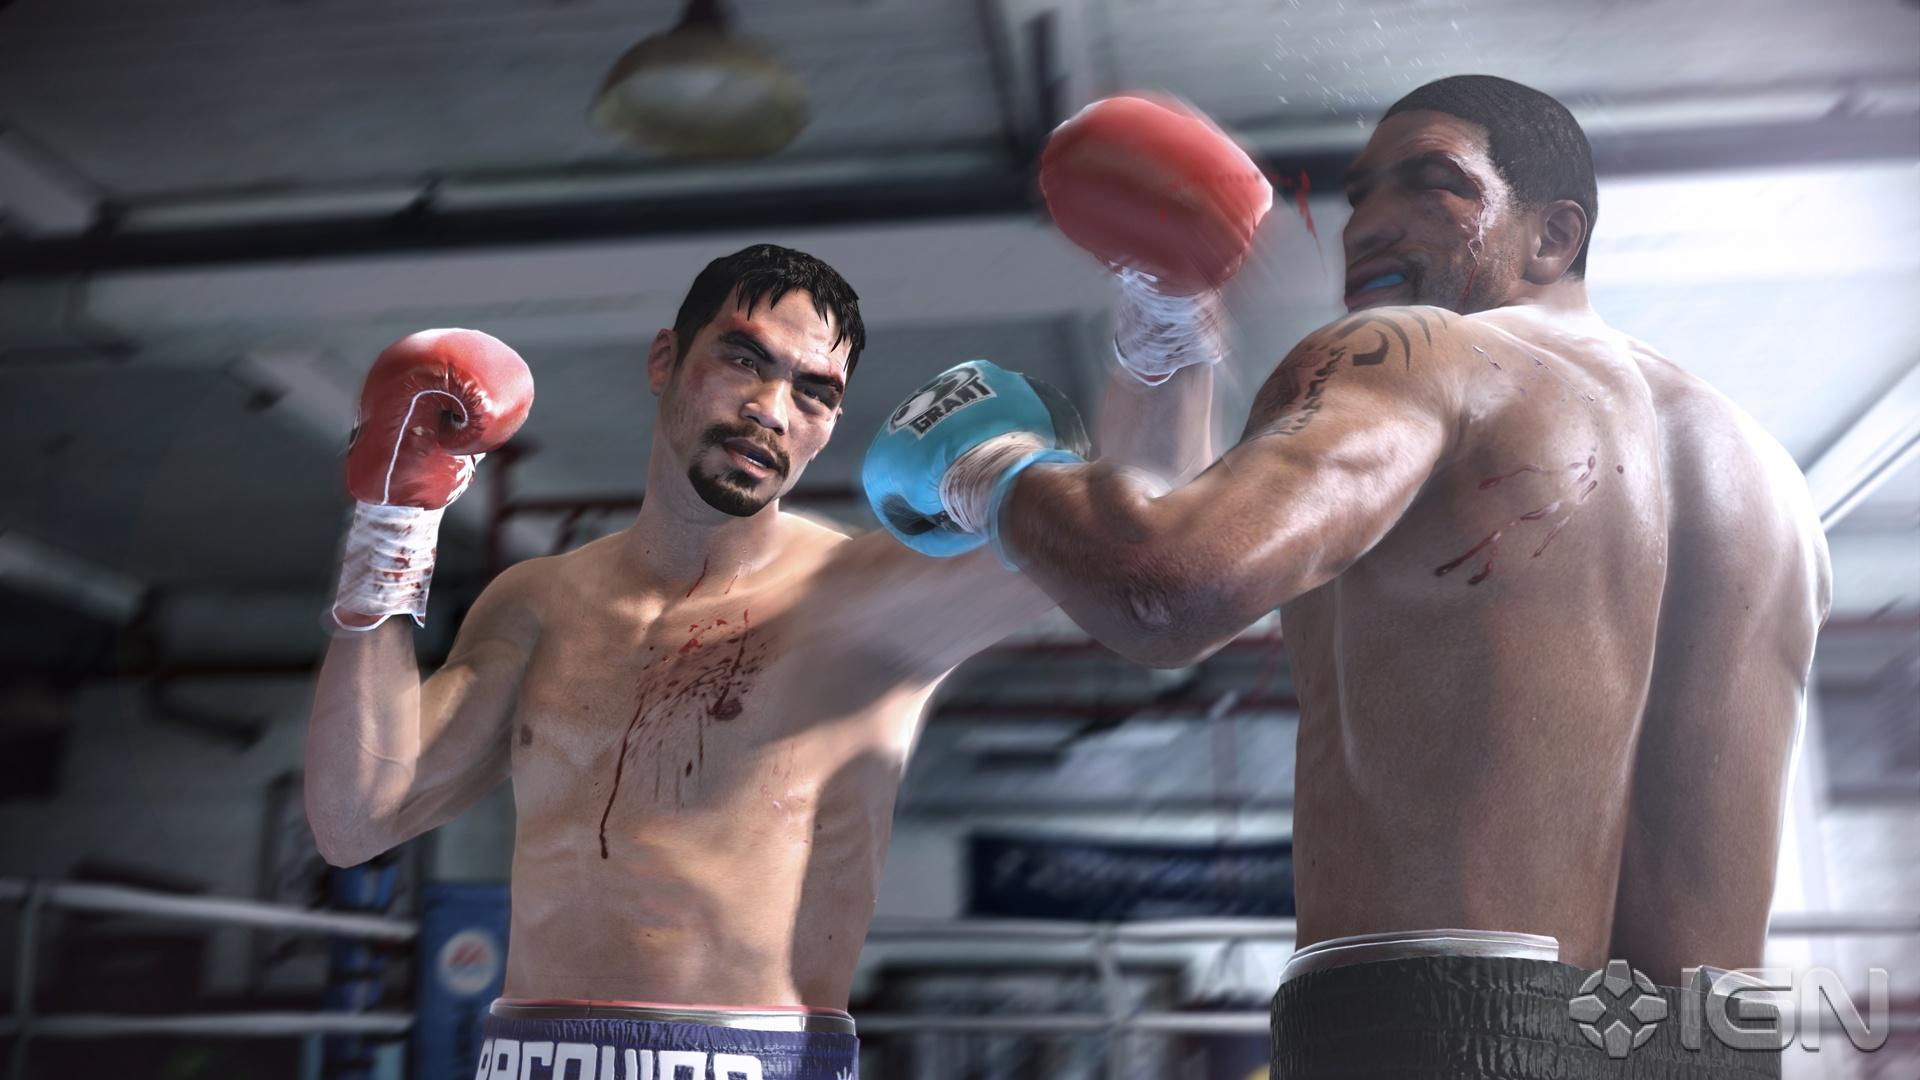 68777d1279613079-fight-night-champion-tb